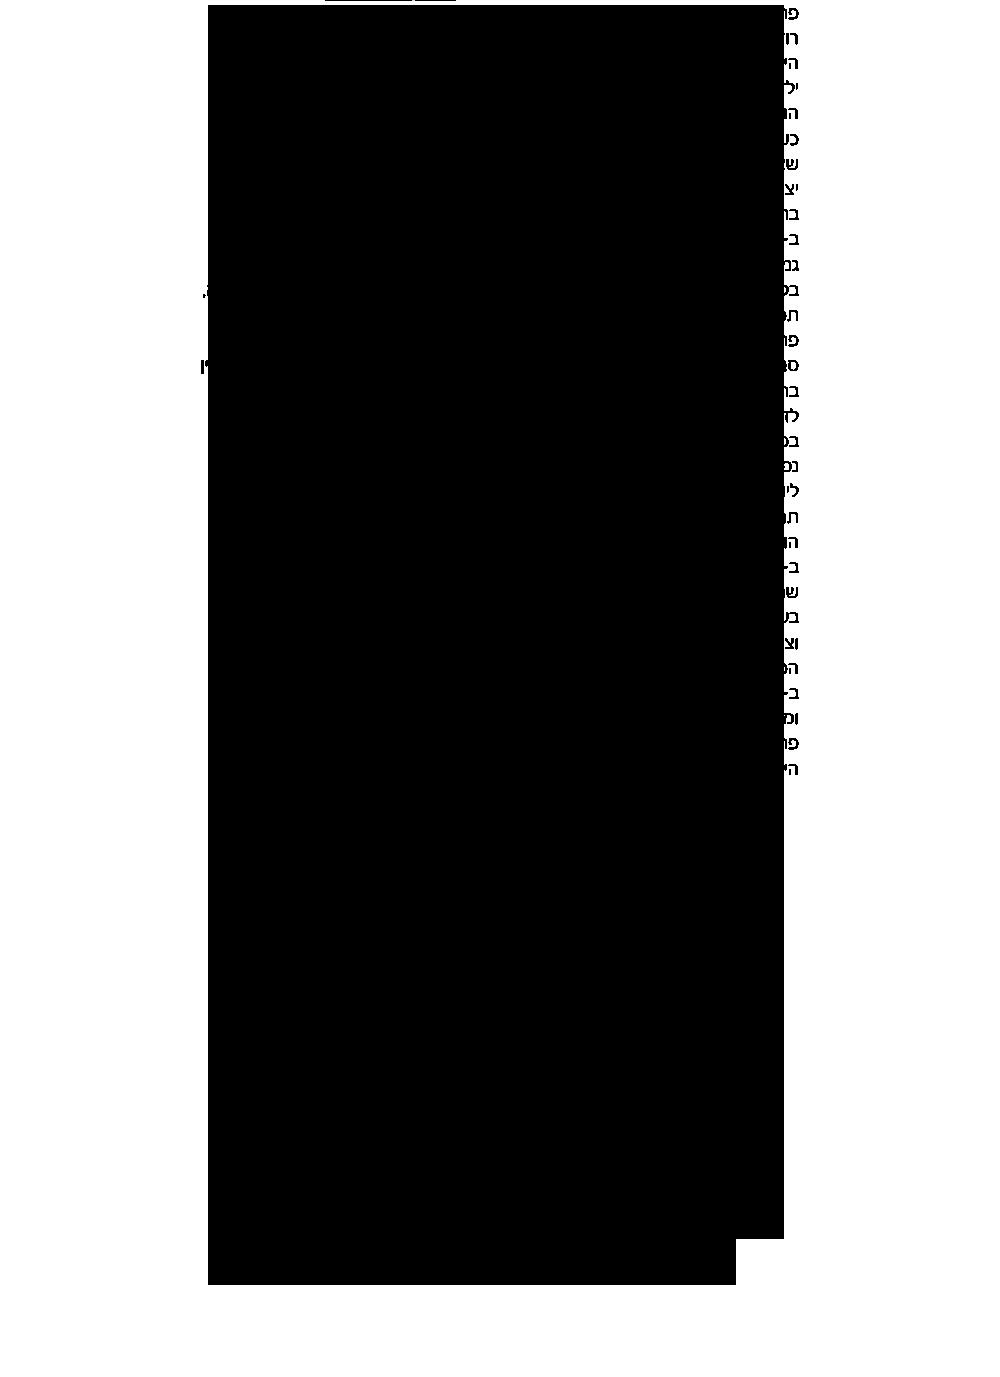 טקסט על פרידל שליסר